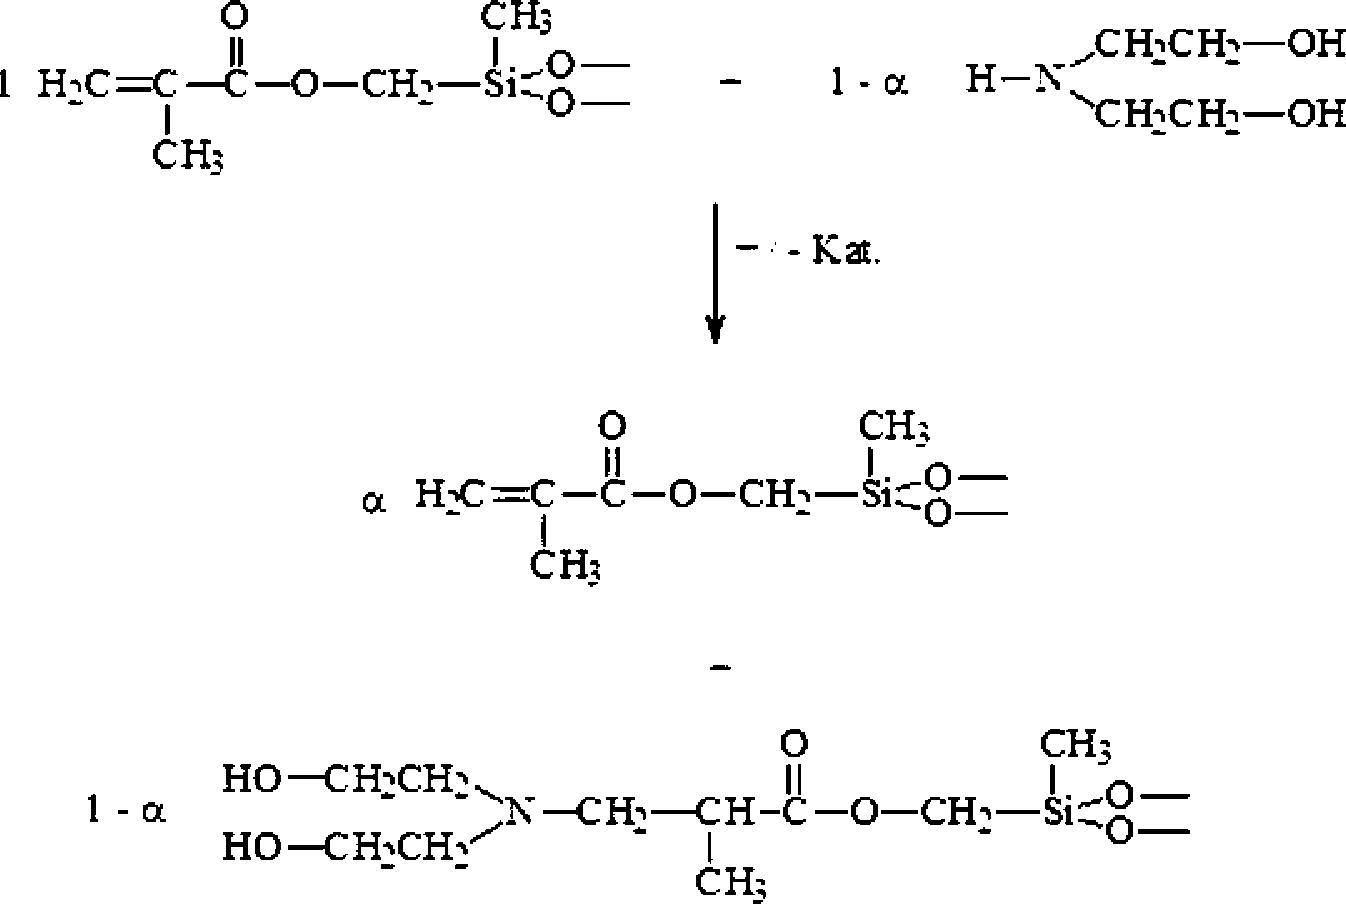 Figure DE102012109685A1_0008